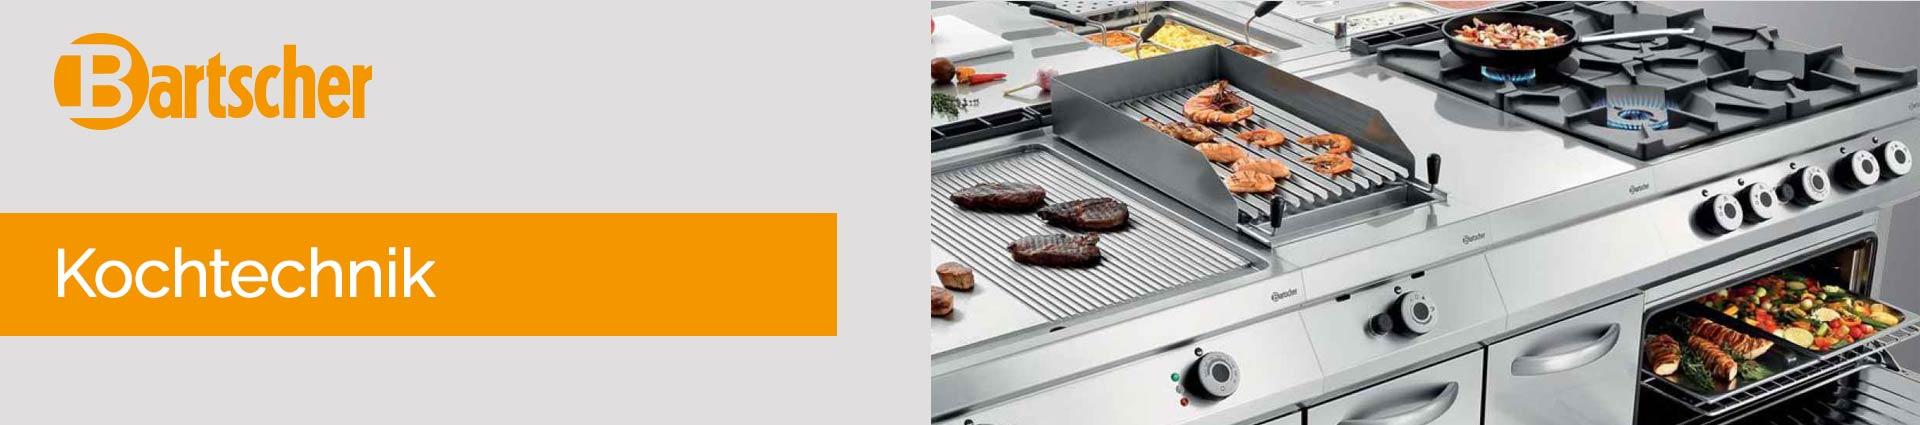 Bartscher Kochtechnik Banner